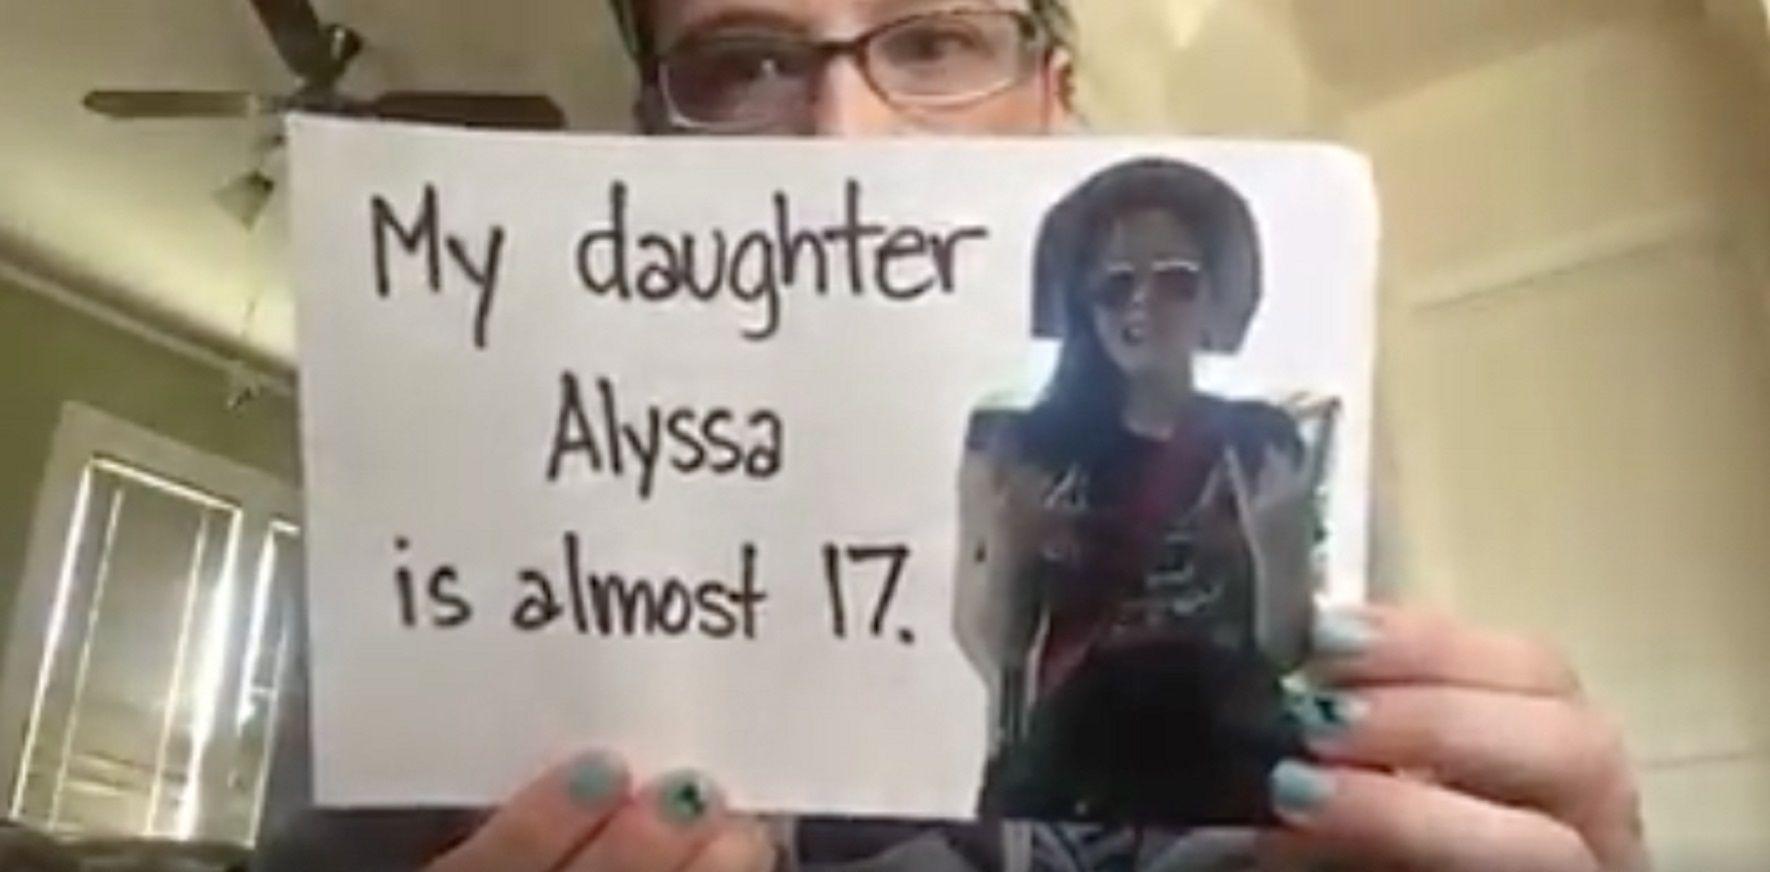 Descubrió que su pareja era un pedófilo y grabó un impactante mensaje